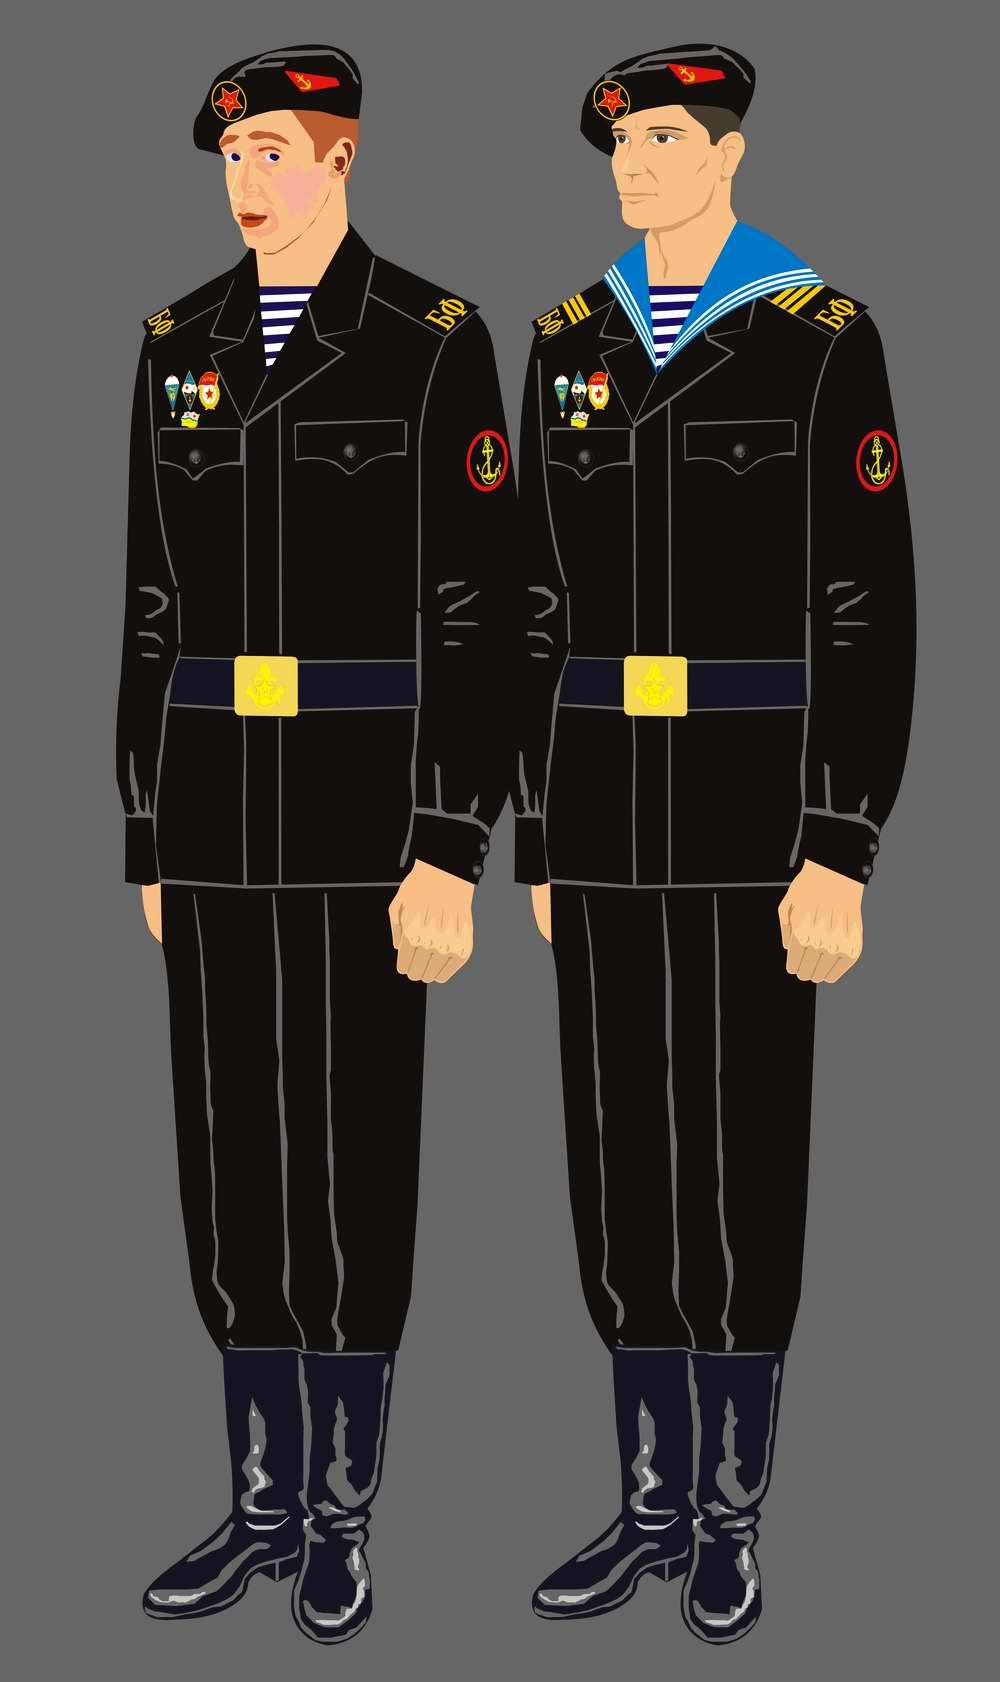 Форма матросов и сержантов морской пехоты 1960-х годов